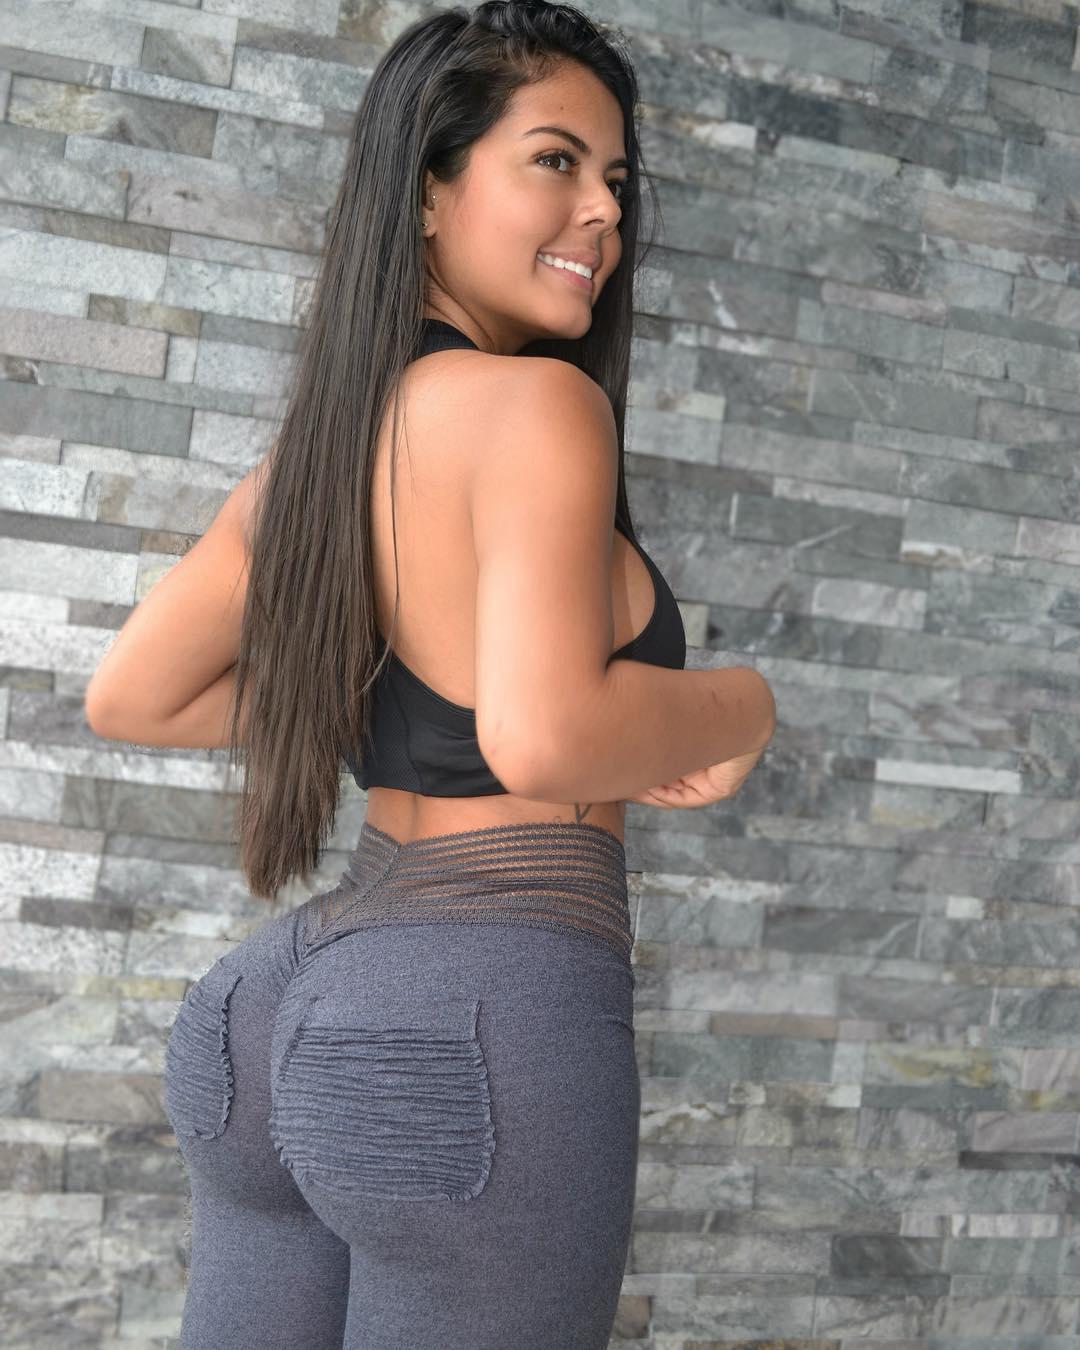 musa fitness nicole borda colombiana gostosa demais 03